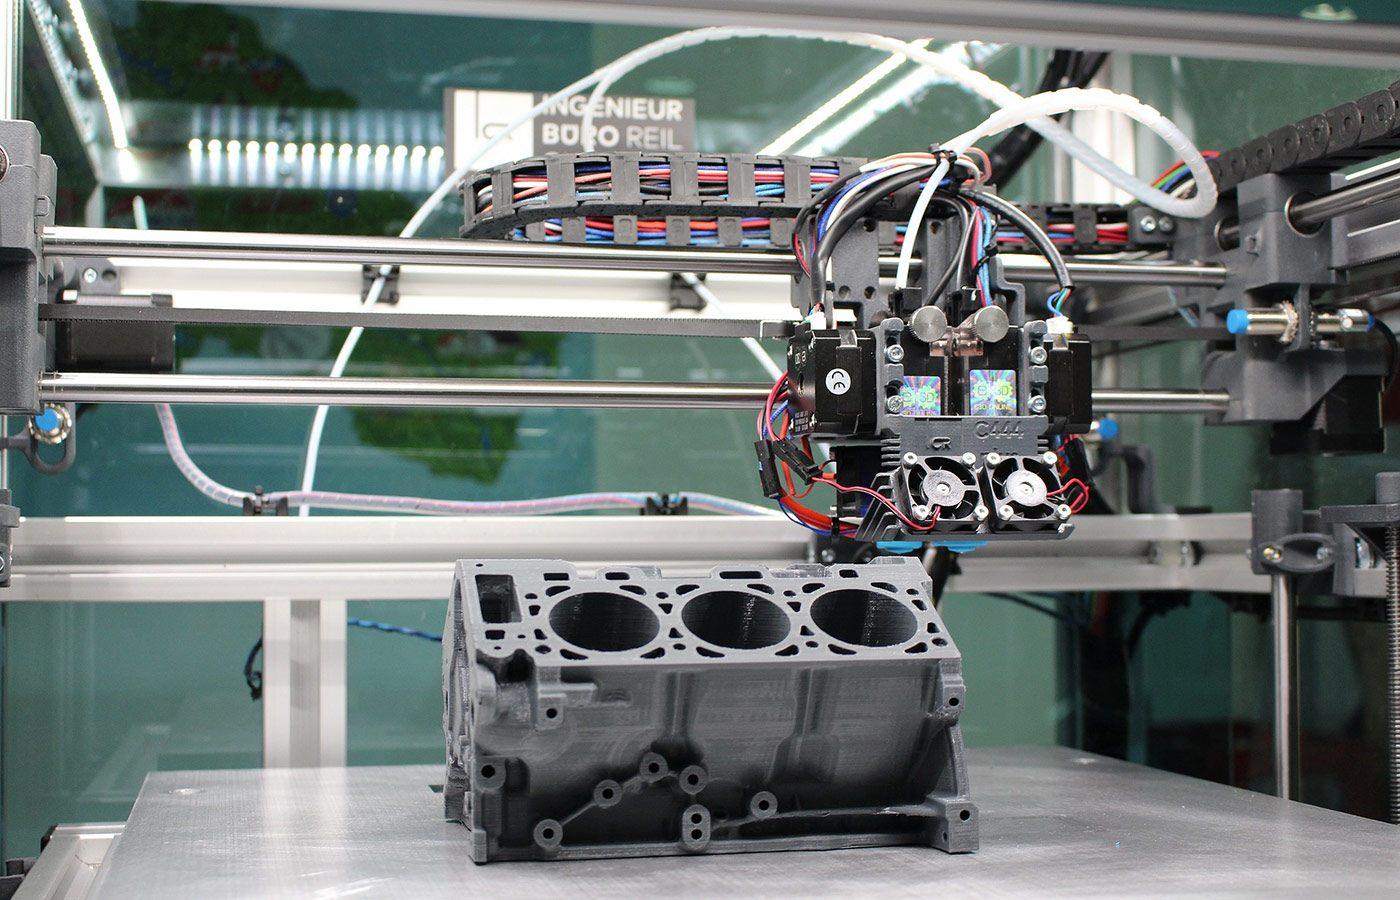 Uma impressora 3D, uma máquina que é utilizada na indústria 4.0